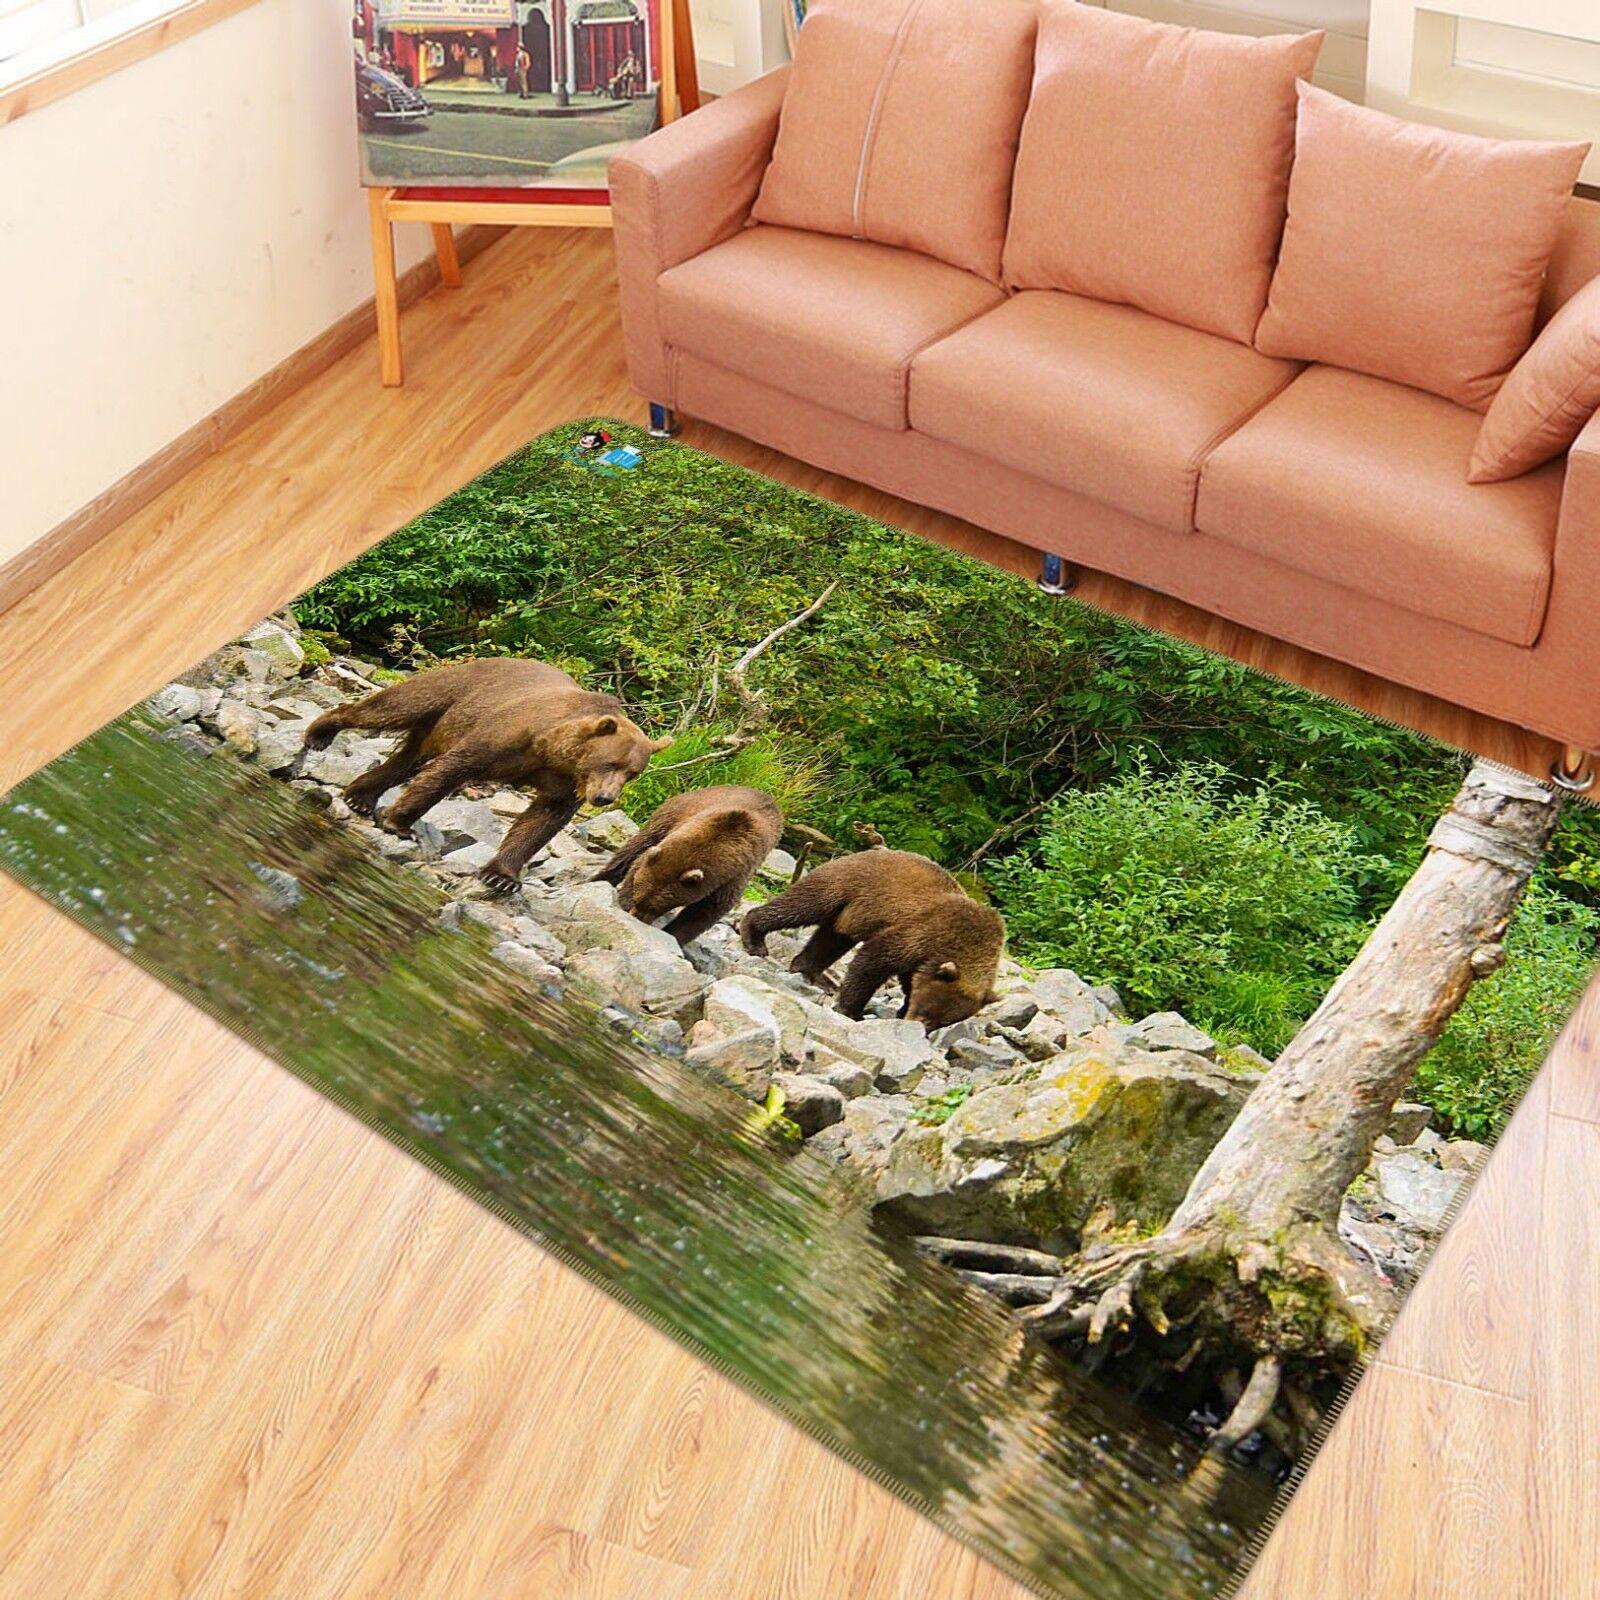 3D Orso naturale 785 tappetino antiscivolo tappeto camera Tappetino Qualità Elegante foto Tappeto UK